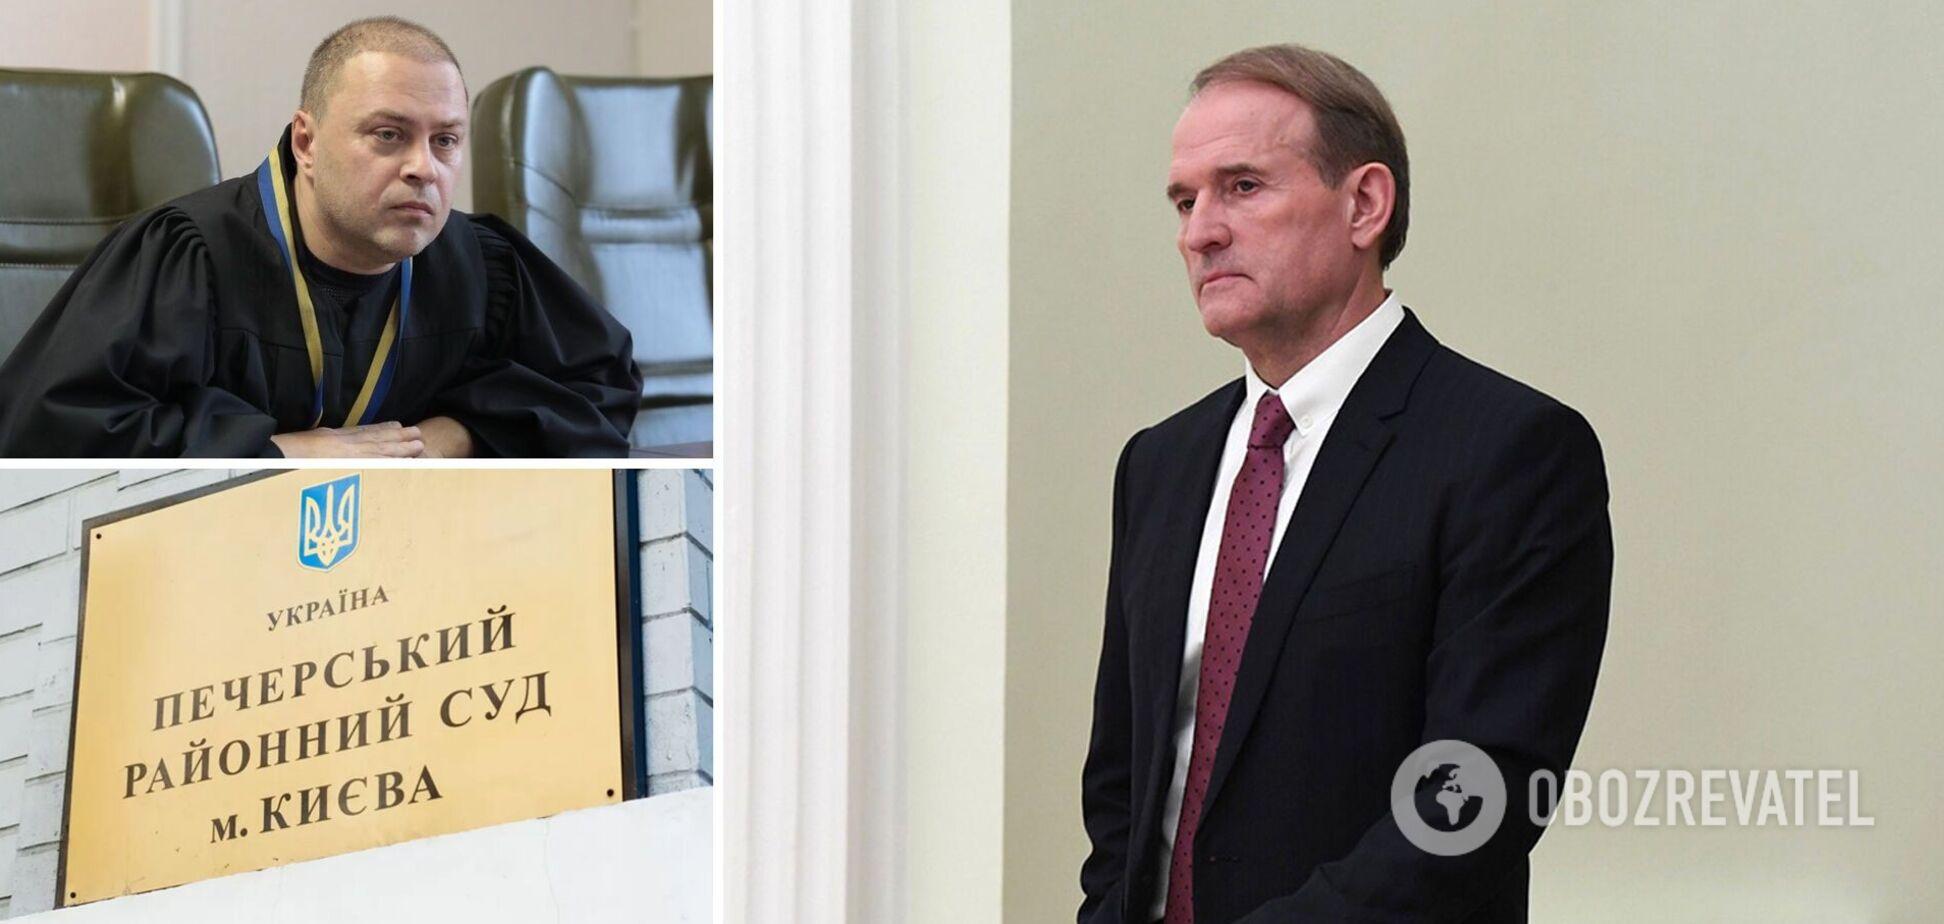 Дуже 'бідний' і скандальний: що відомо про суддю, який вирішує долю Медведчука